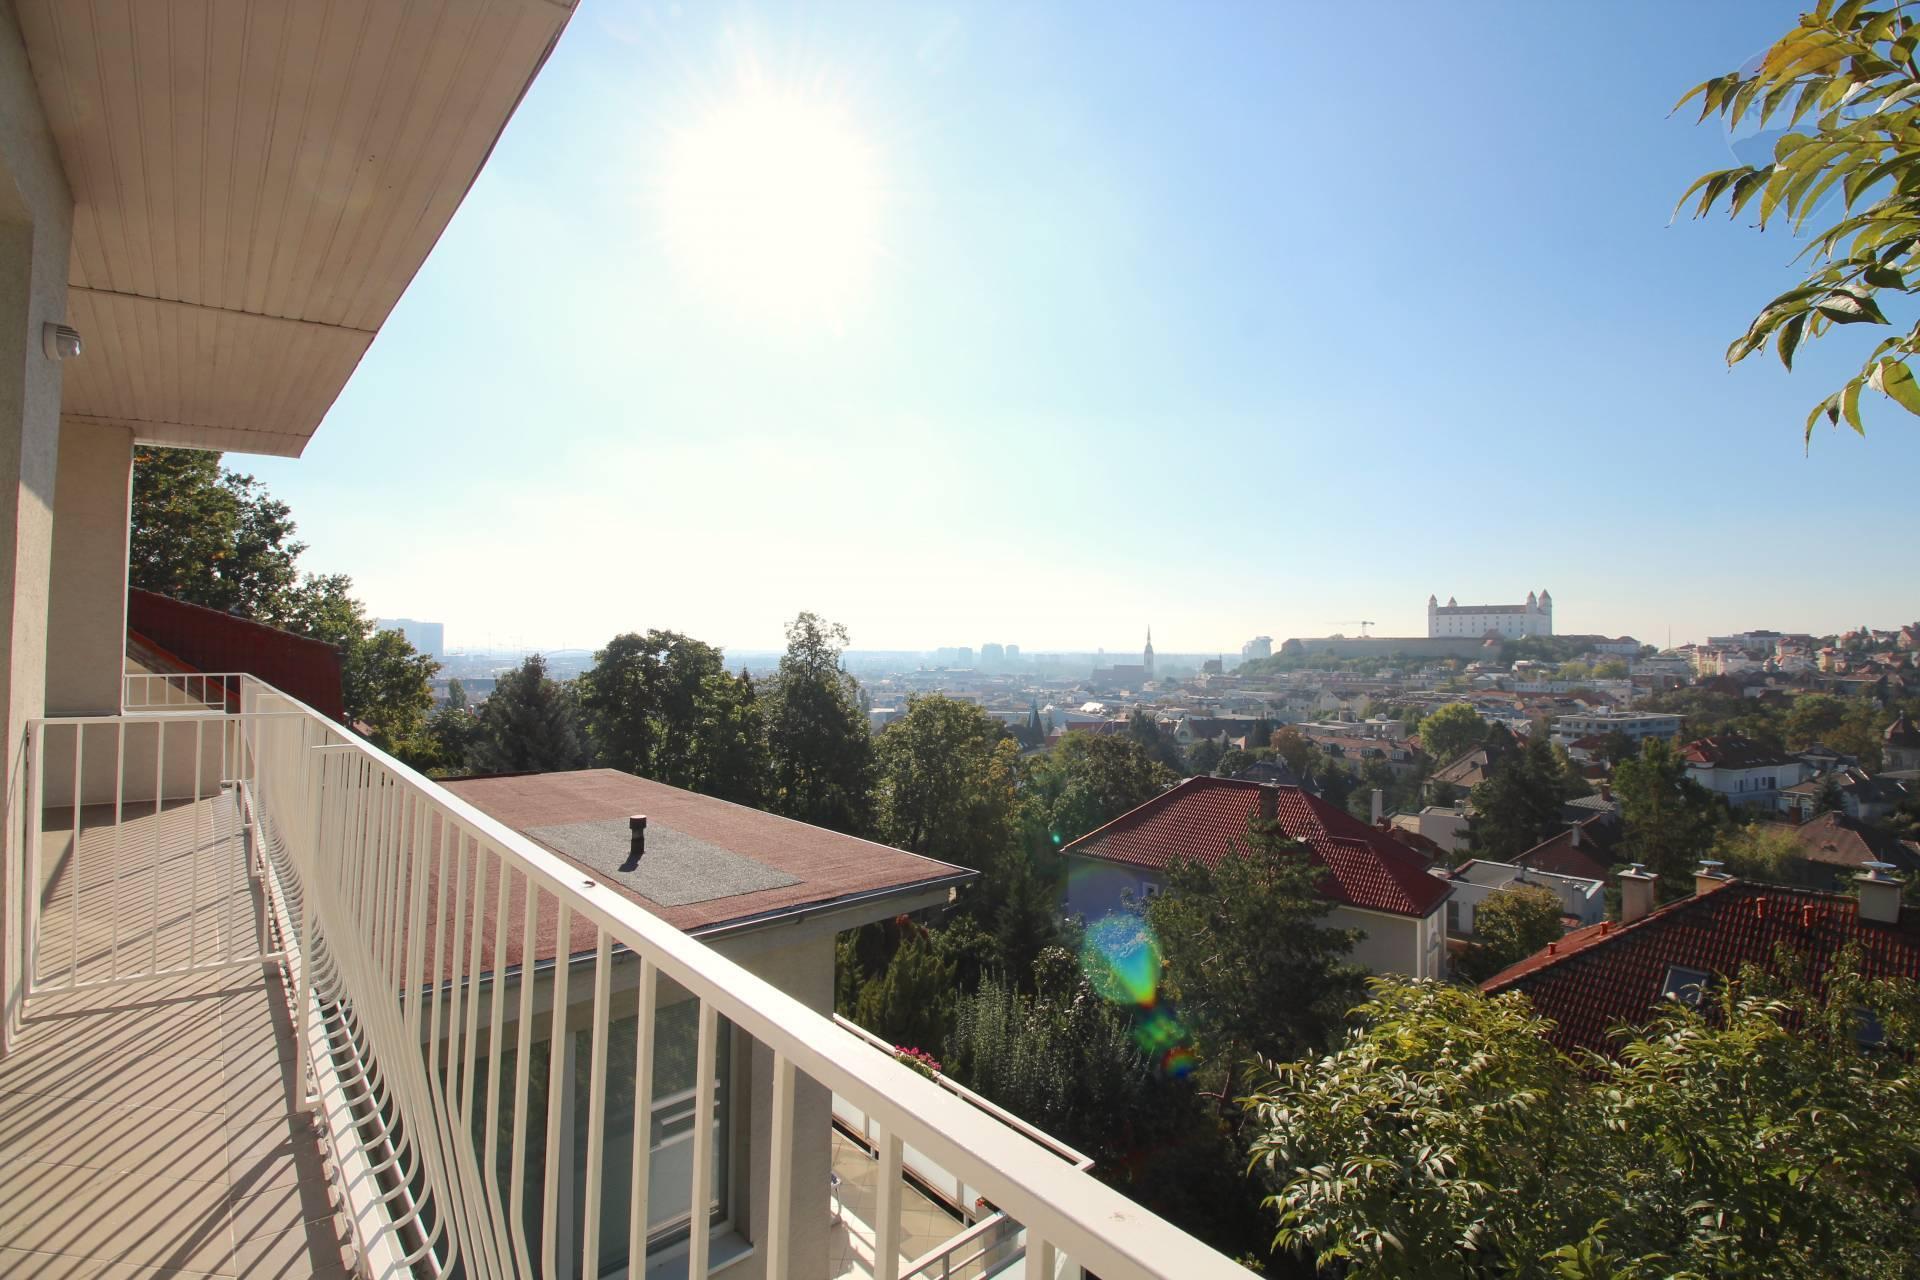 Prenájom 4 izbového bytu na VIP adrese s výhľadom na hrad